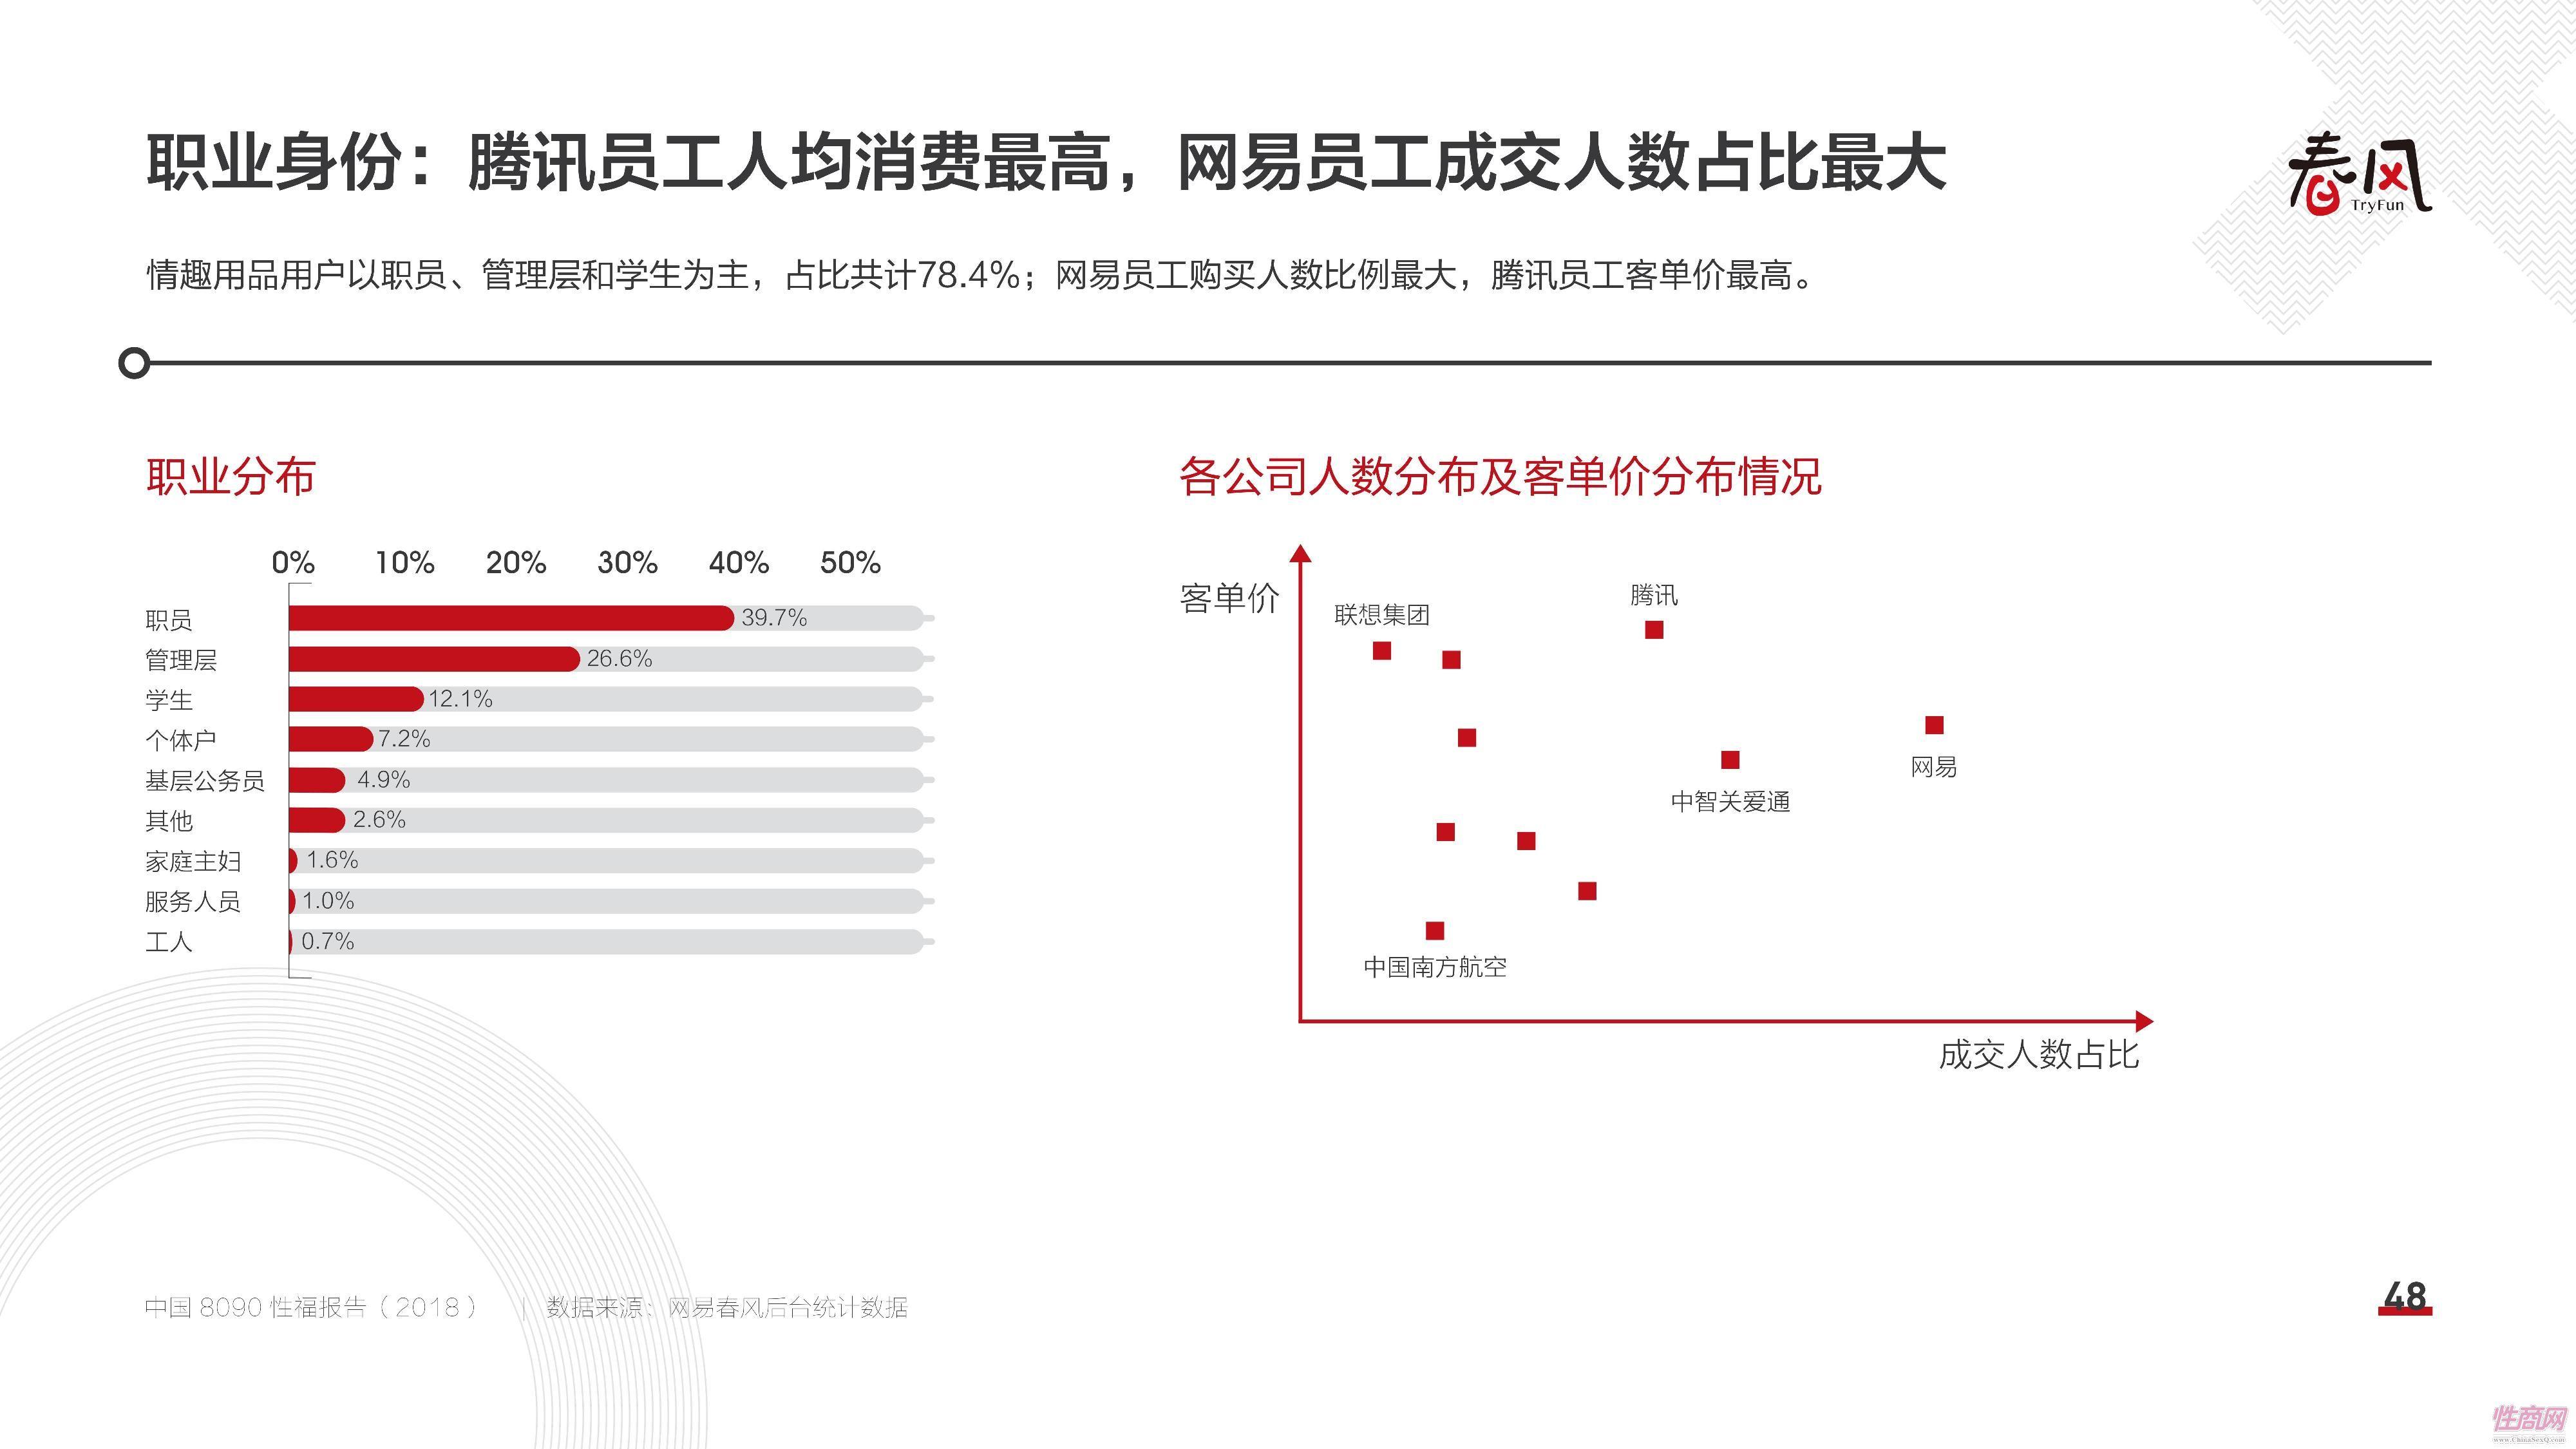 18中国8090性福报告 (47)